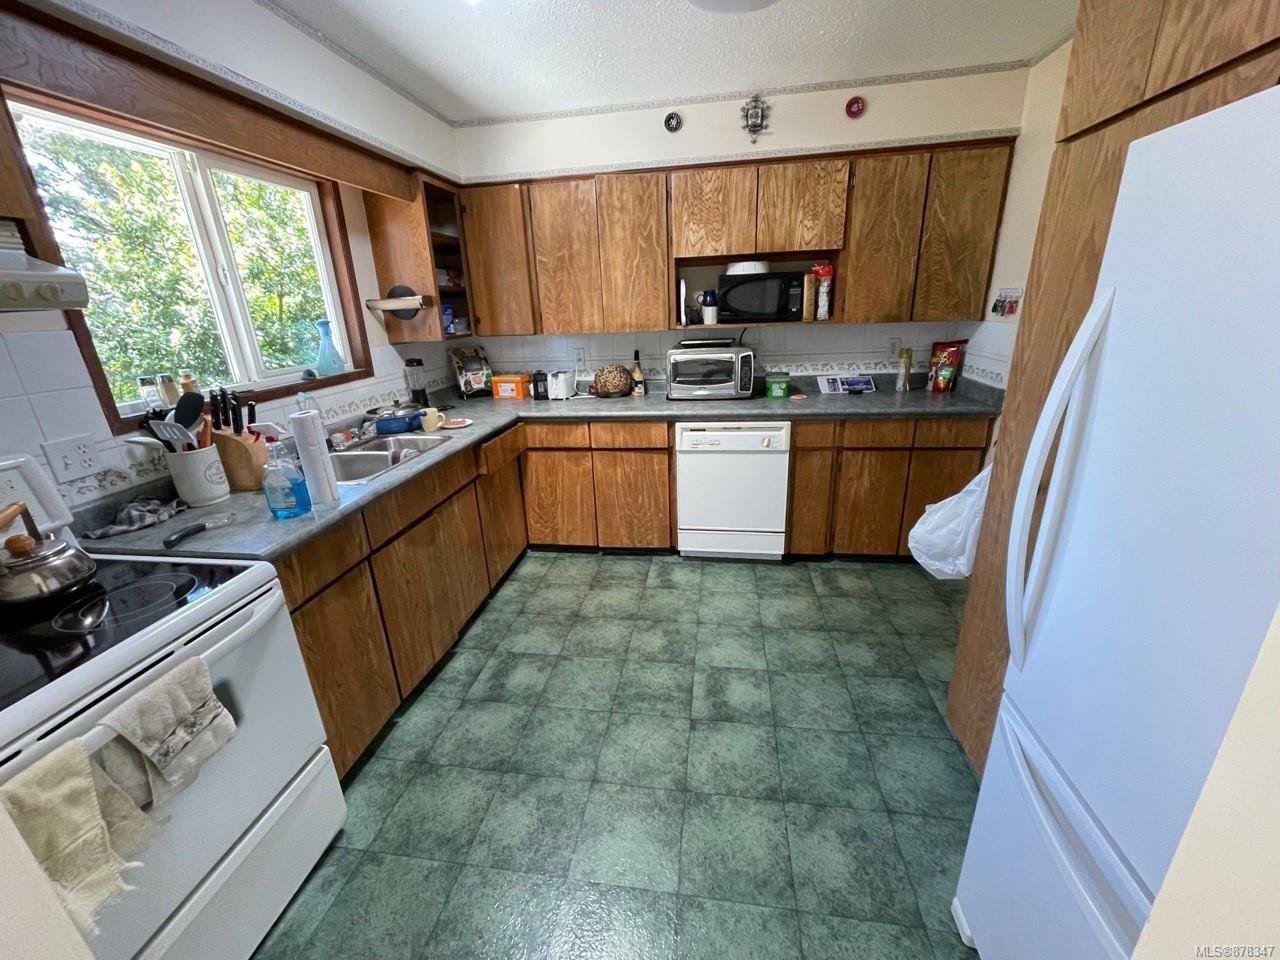 Photo 2: Photos: 334 Texada Pl in : CV Comox (Town of) House for sale (Comox Valley)  : MLS®# 878347